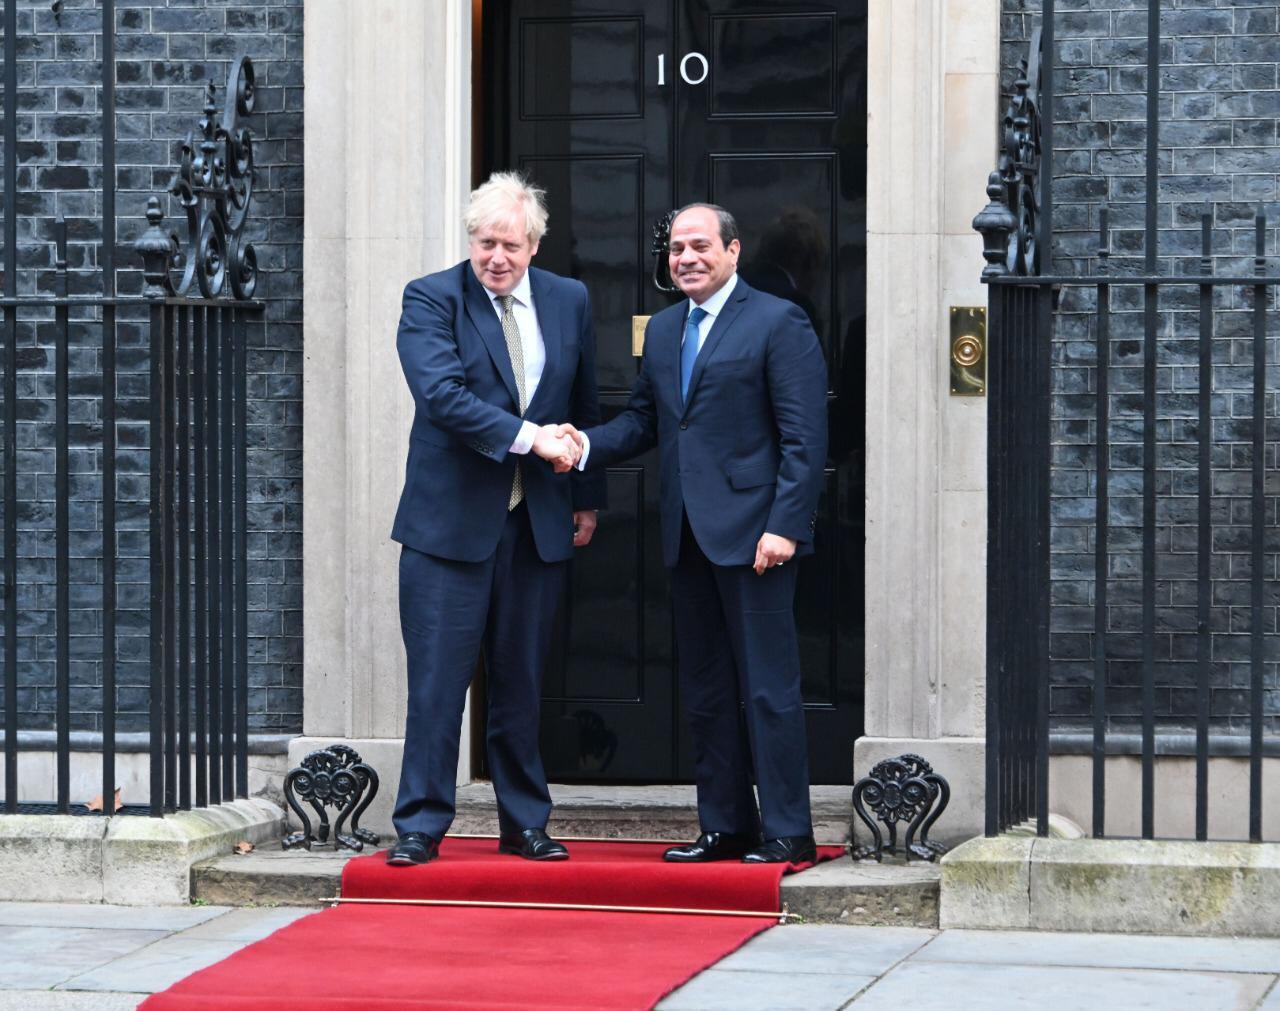 القمة المصرية البريطانية في لندن تتصدر عناوين الصحف المصرية